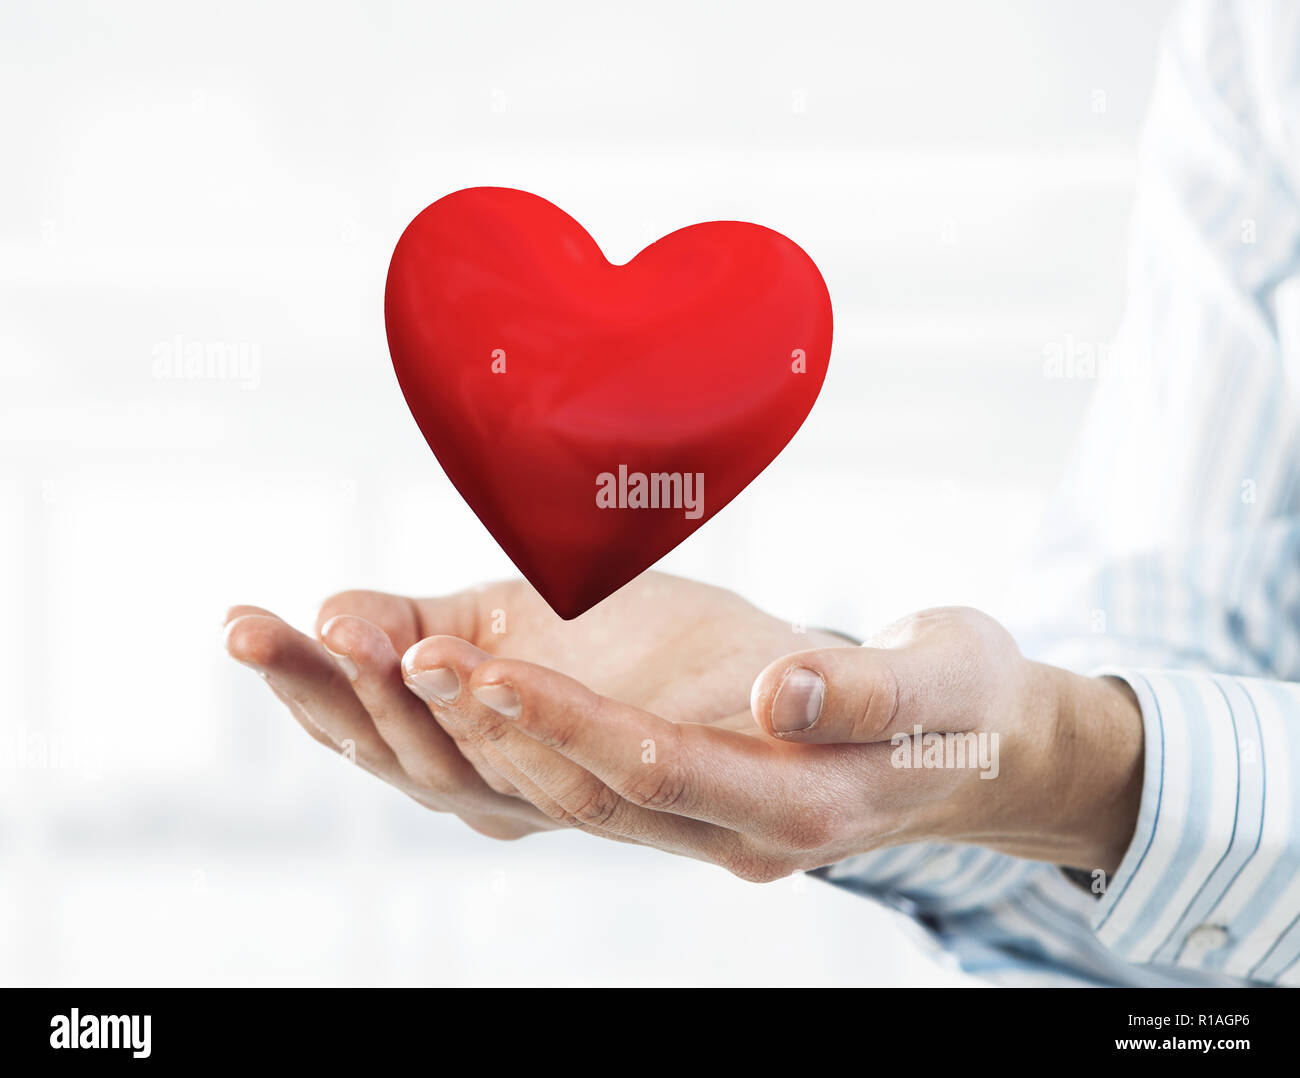 Concetto Di Amore E Passione Con Cuore Rosso Nelle Mani Di Sesso